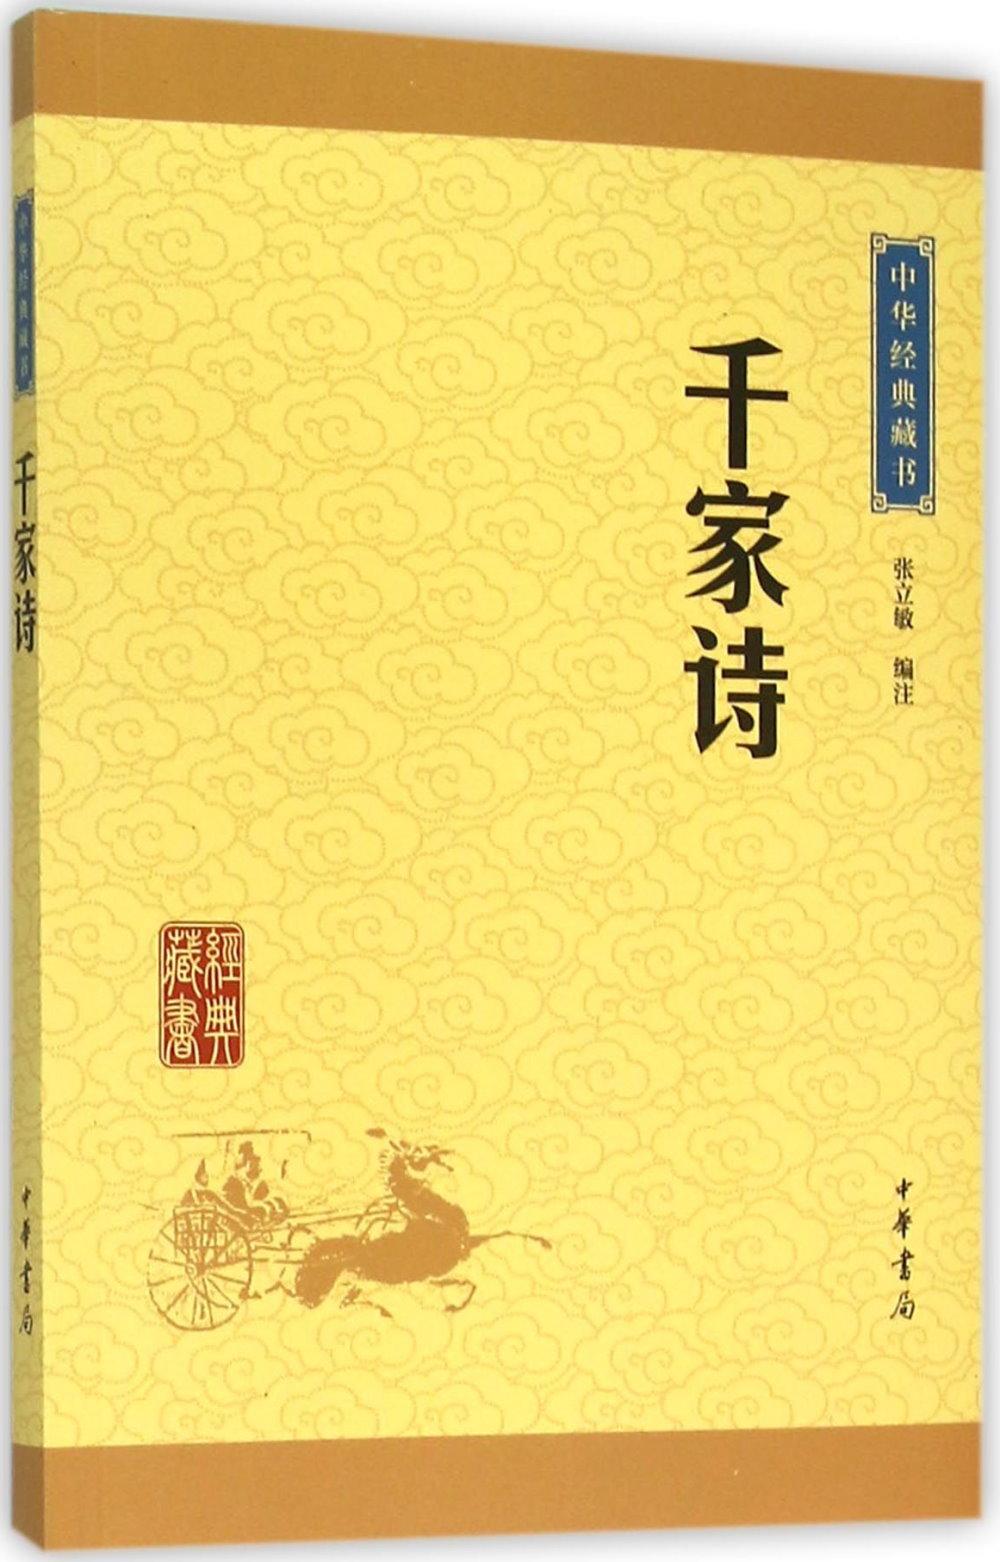 中華 藏書:千家詩